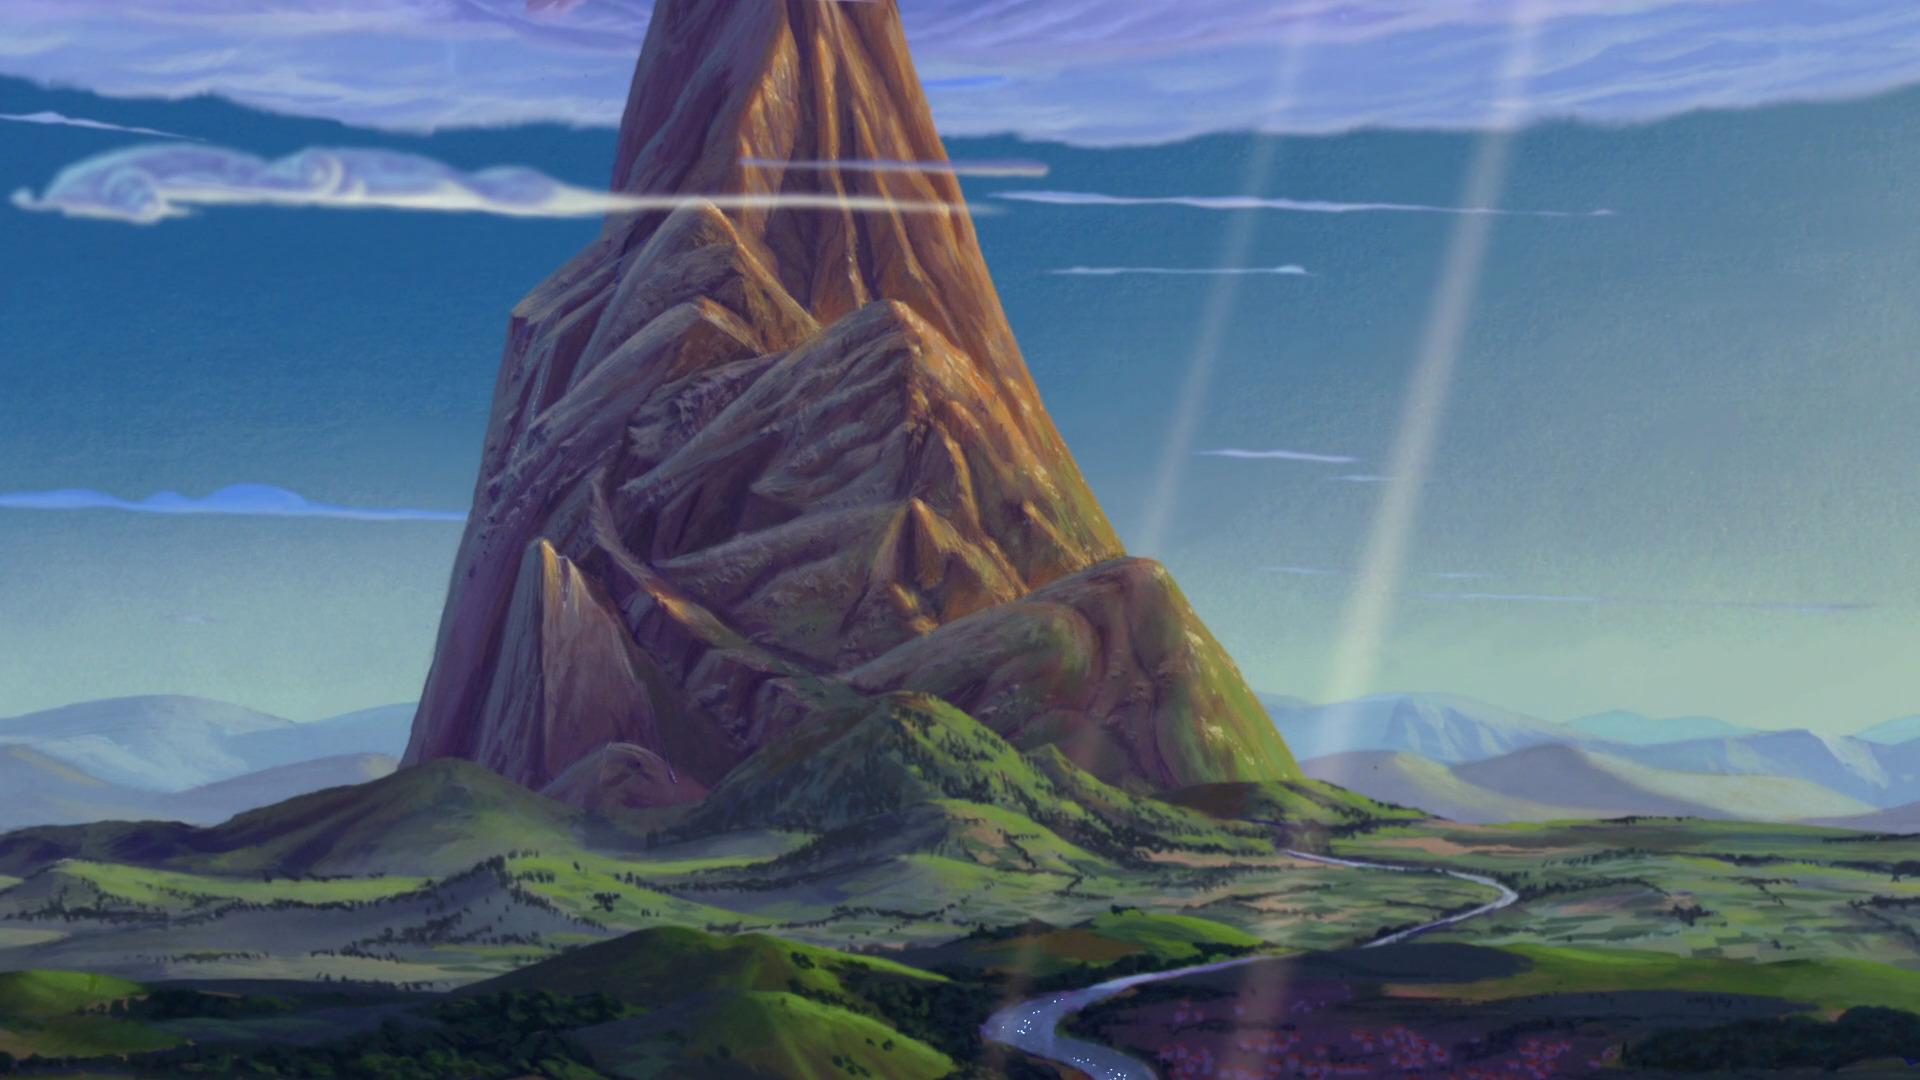 File:Mount olympus disney.jpg